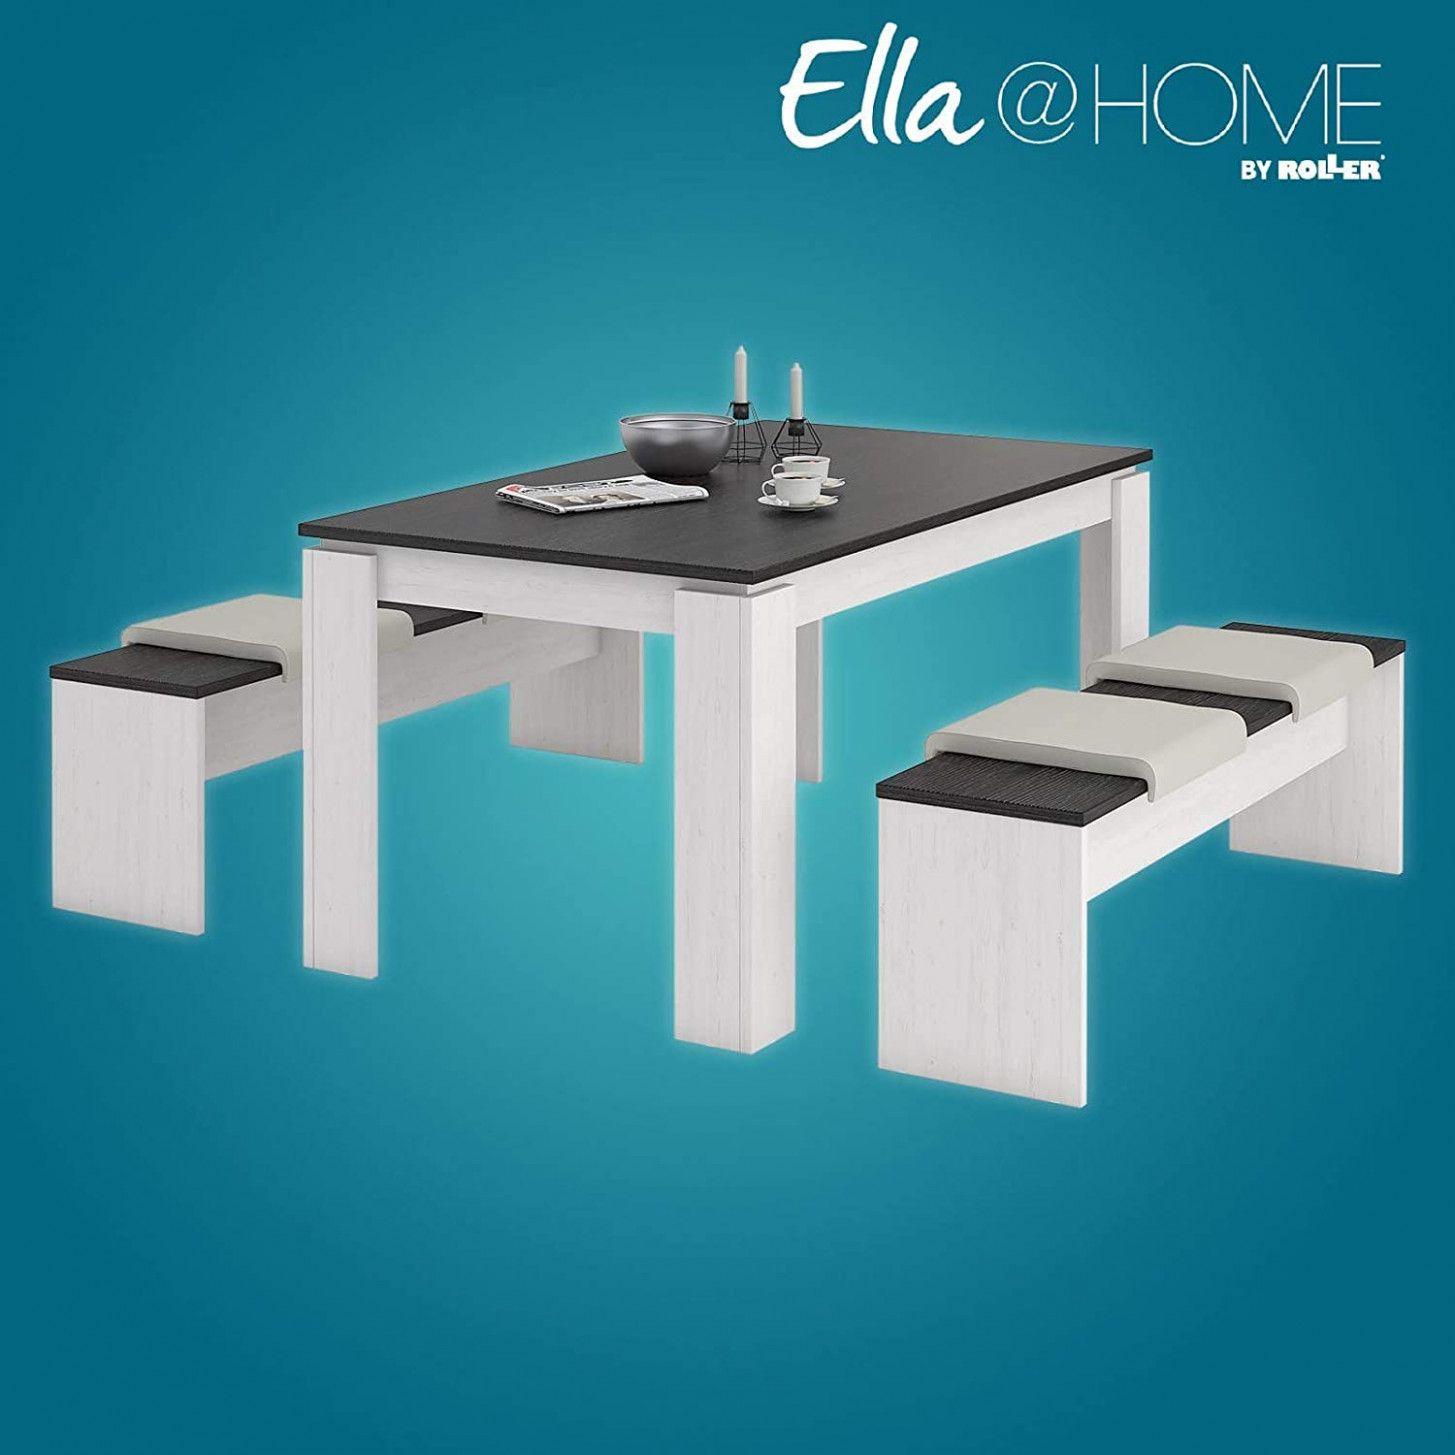 Holztisch Bild Von Kiki Schoke In 2020 Tischgruppe Tisch Weisse